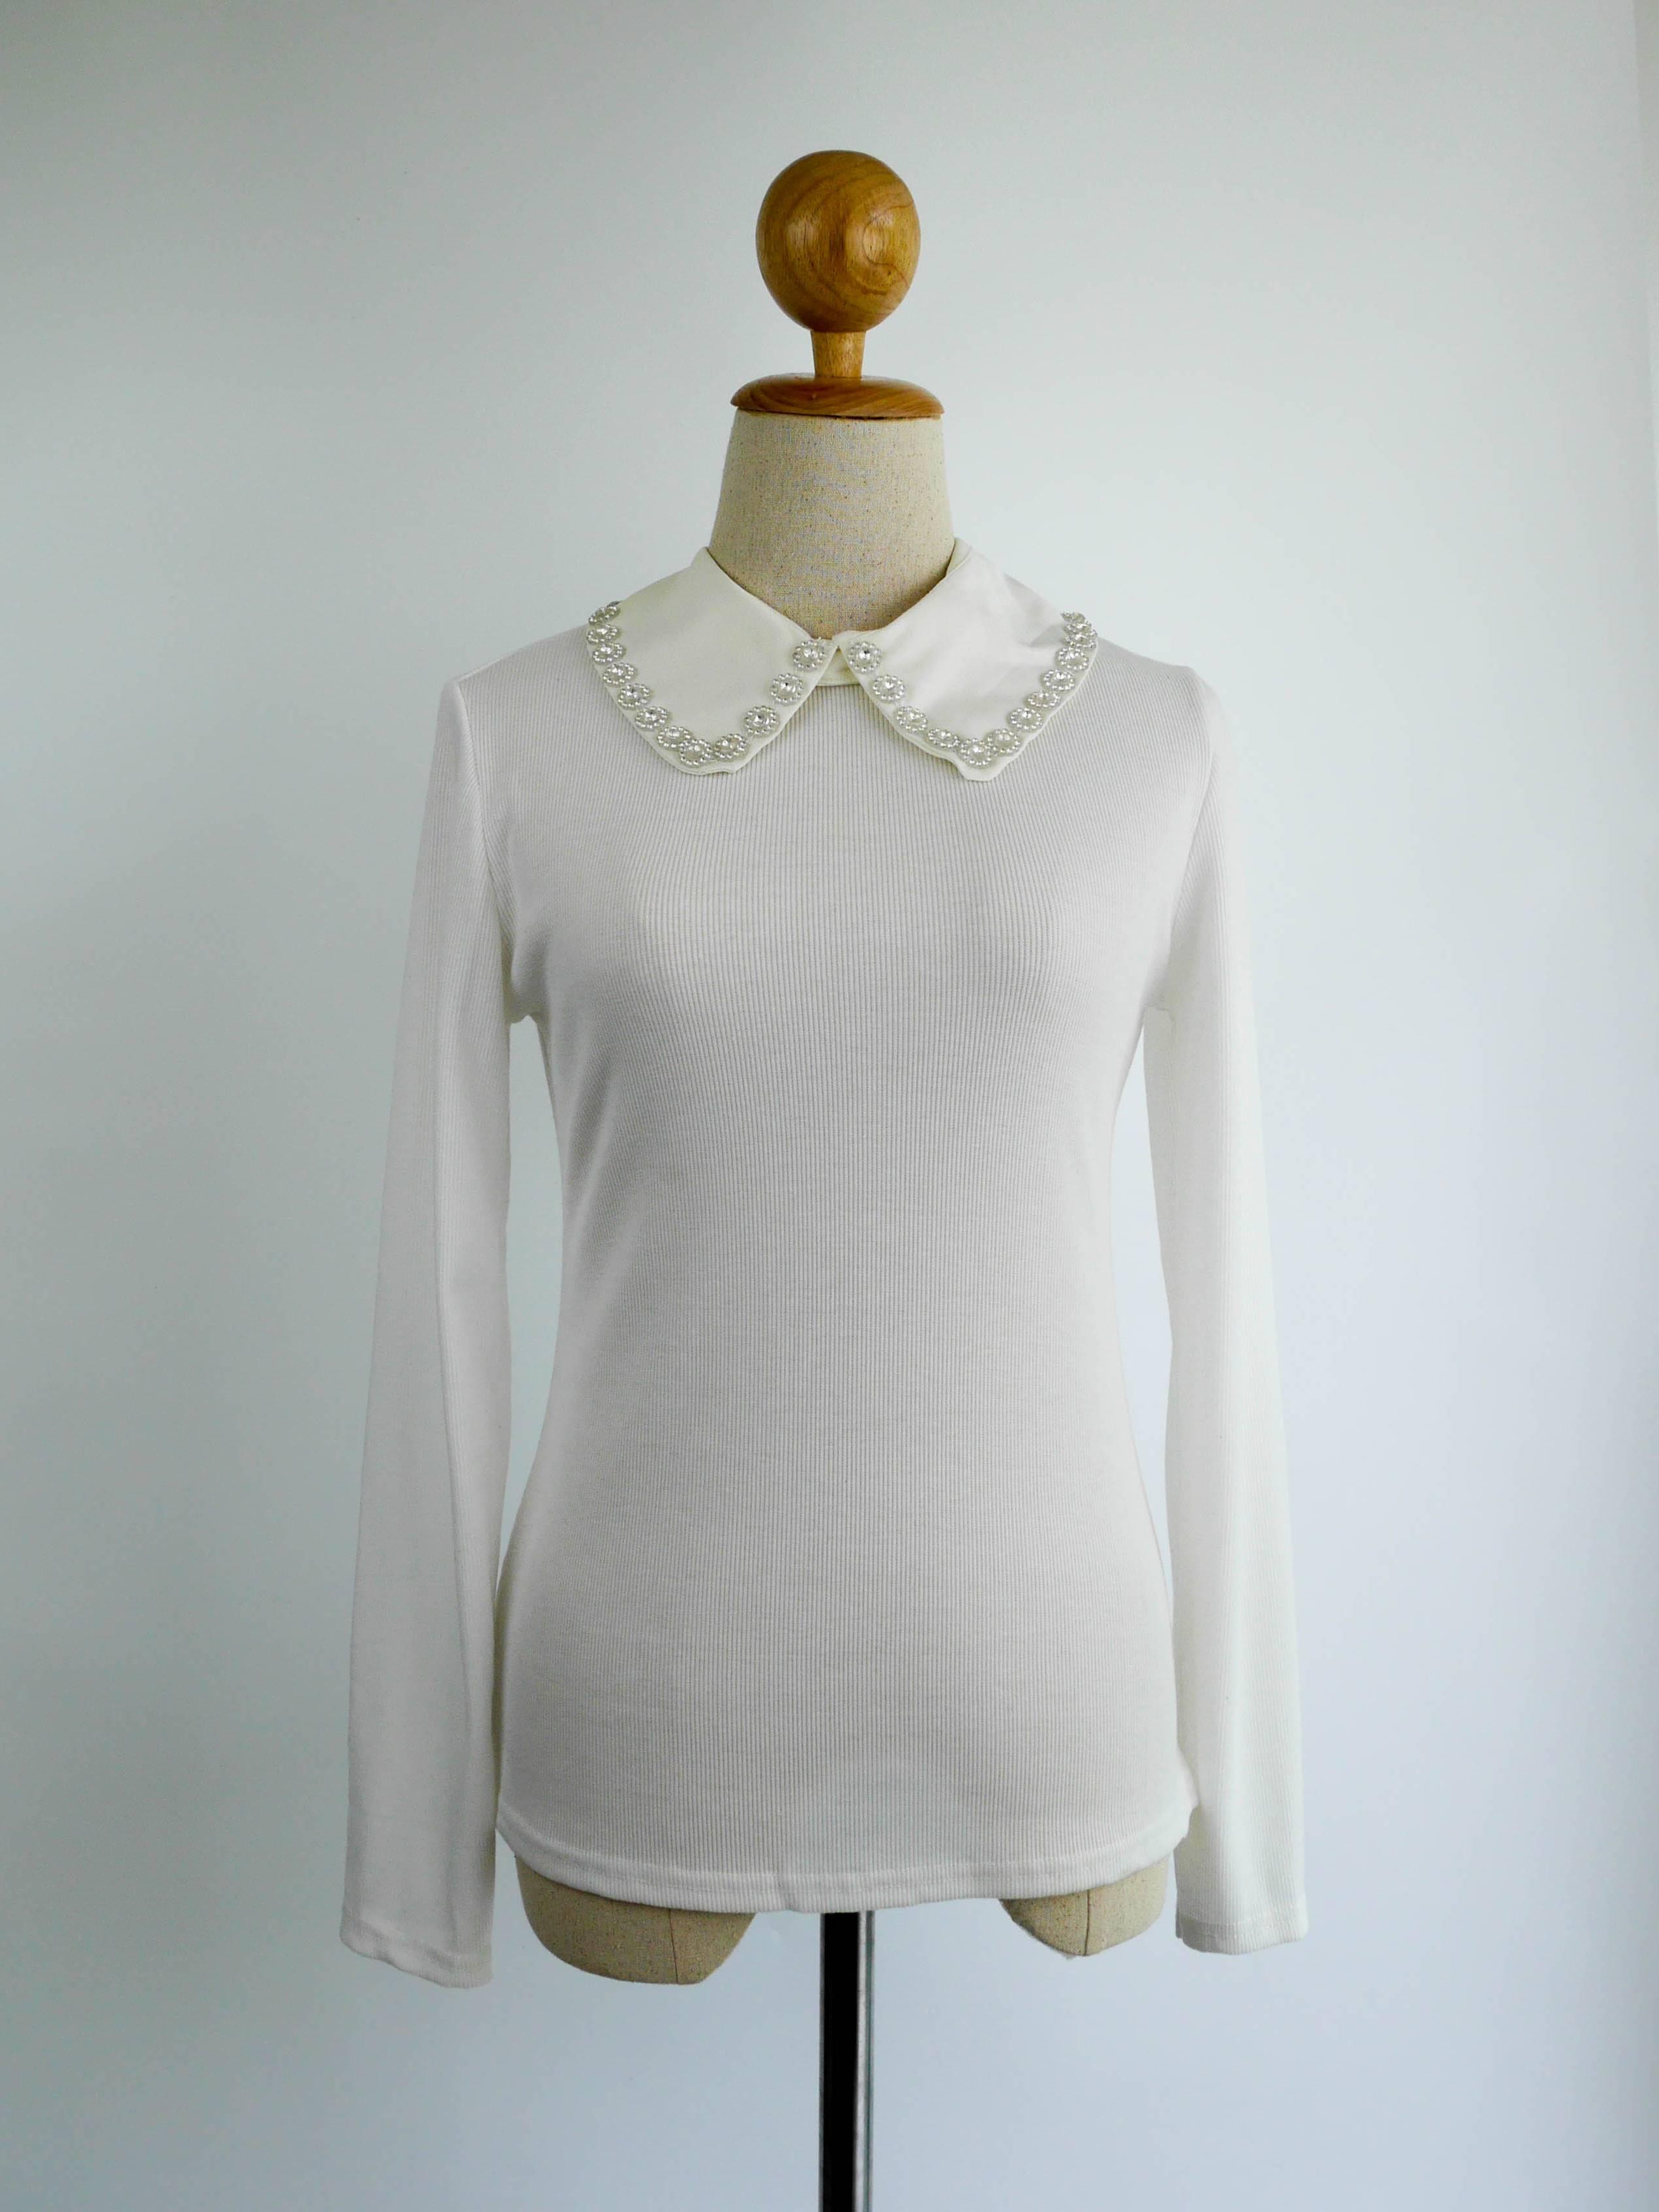 เสื้อแฟชั่น แขนยาว คอปกเชิ๊ต(ถอดได้) สีขาว